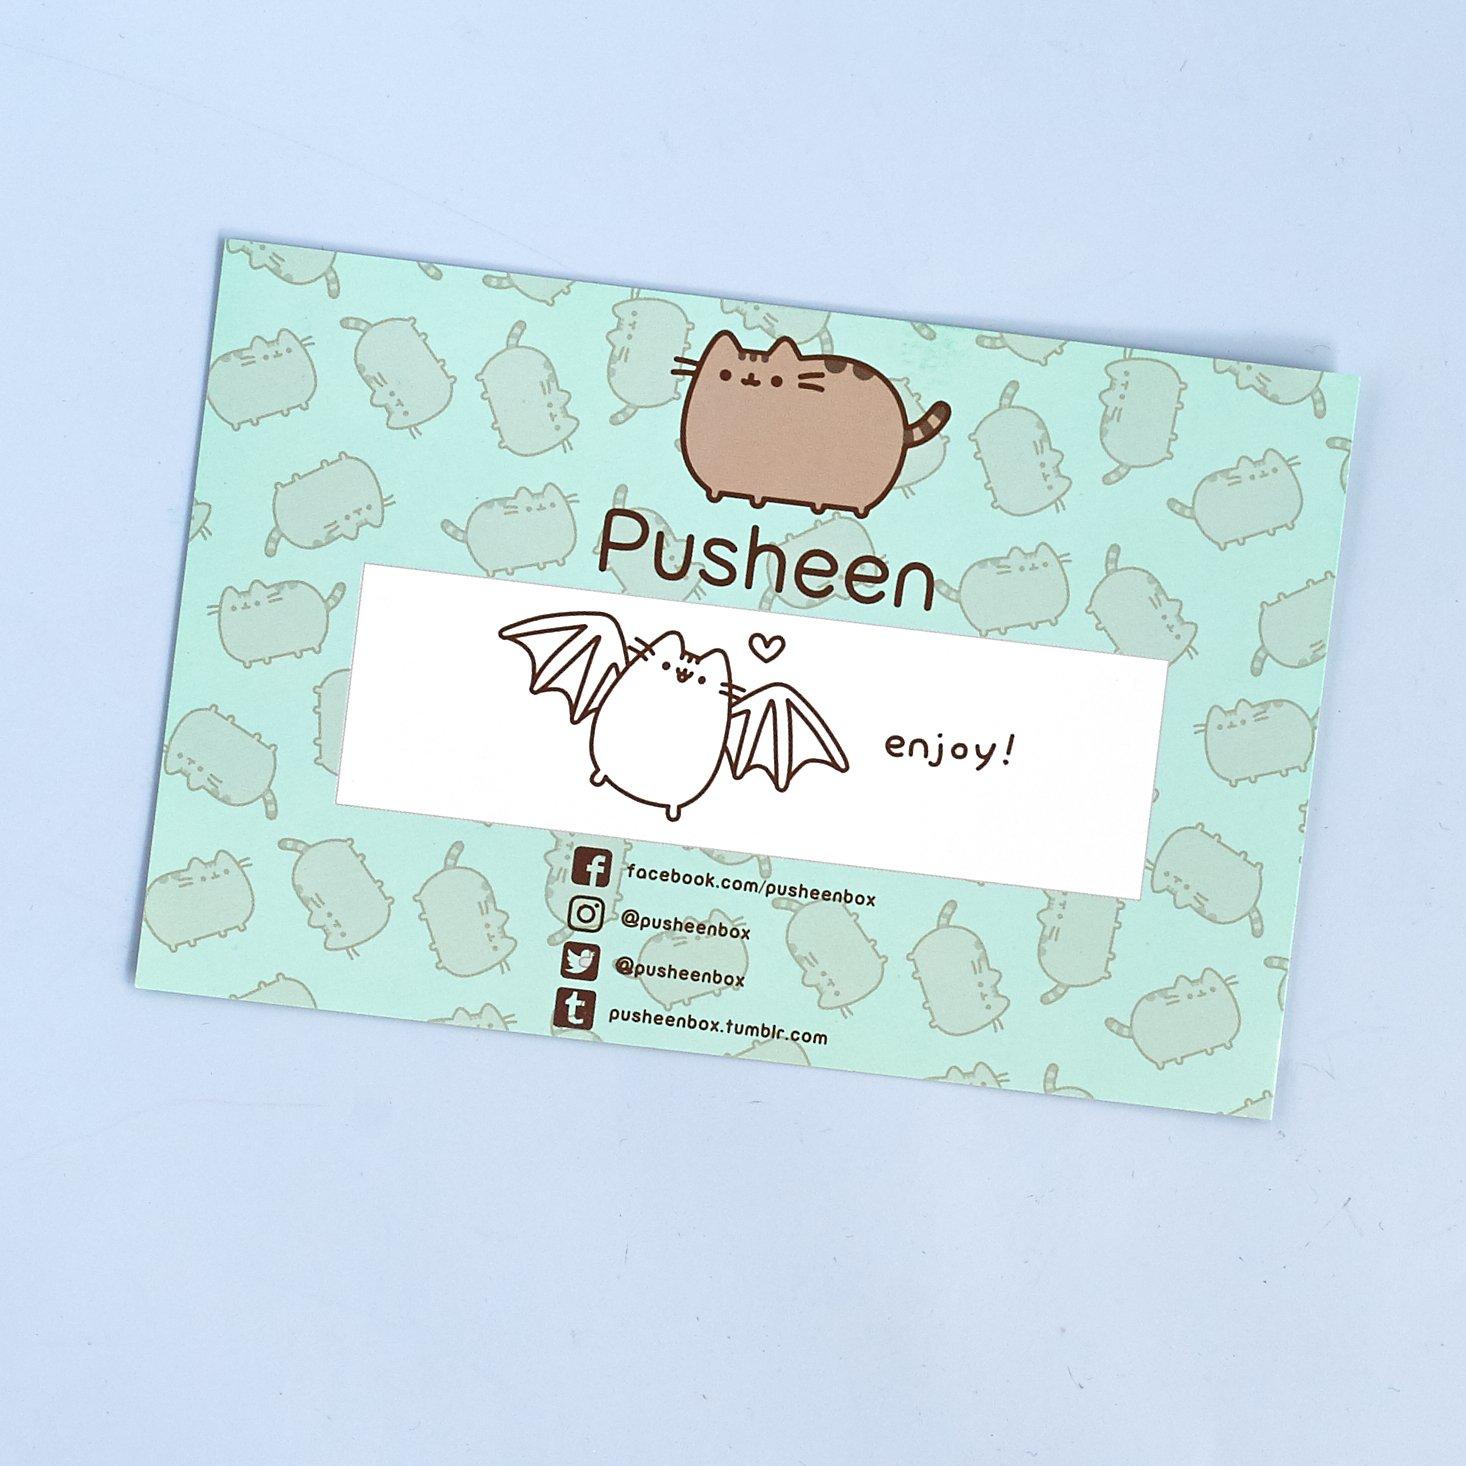 pusheen-box-october-2016-0006